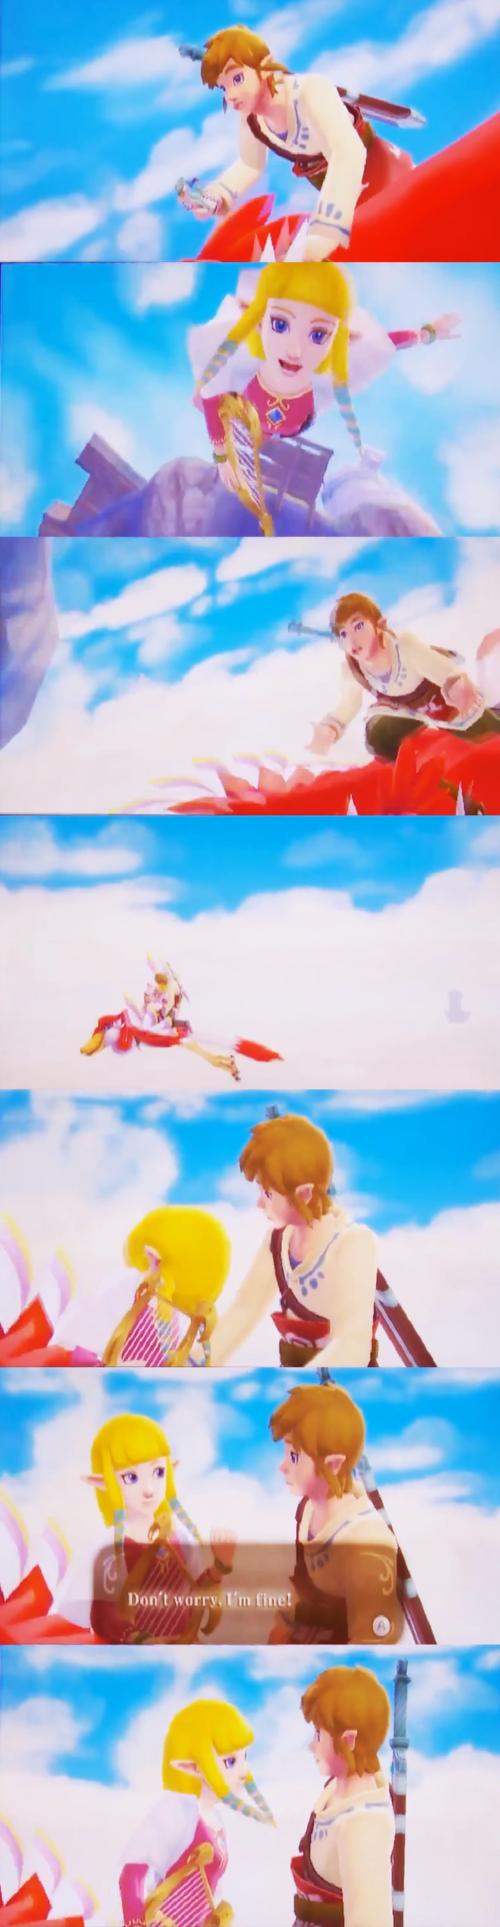 Skyward Sword Link/Zelda Relationship - Zelda Universe ...